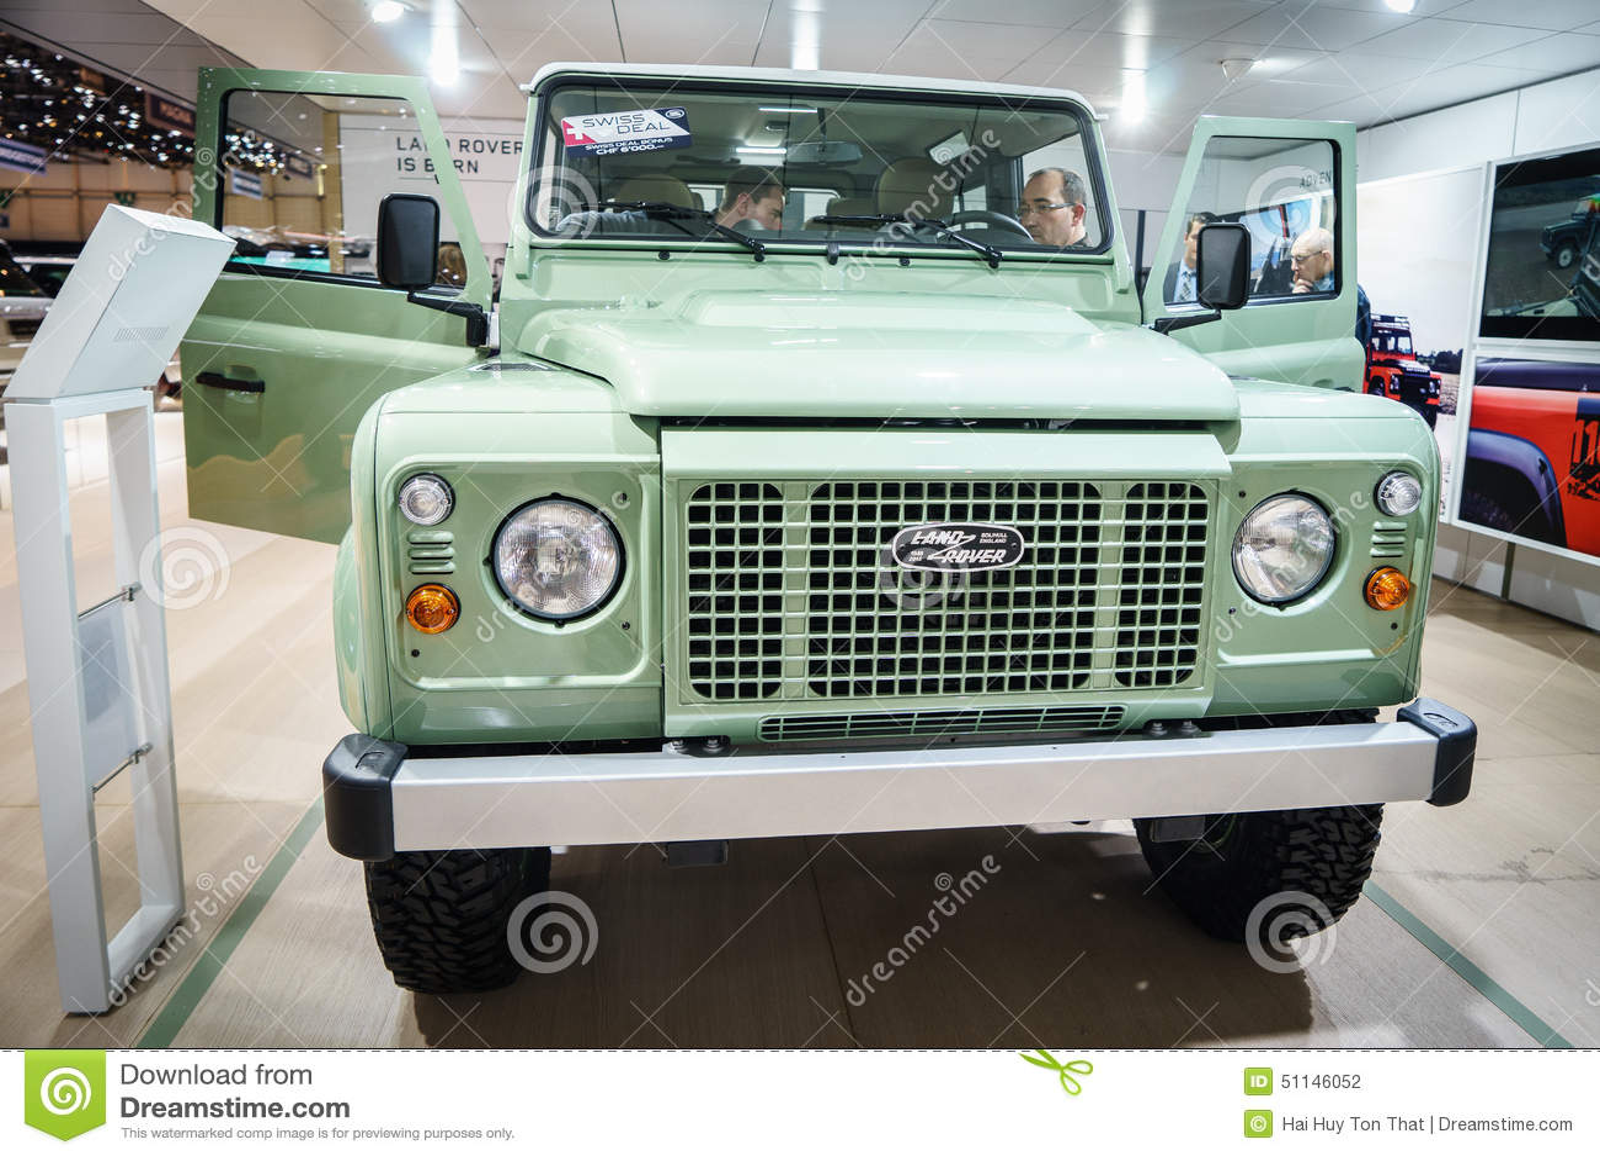 D barquez la voiture de rover discovery salon de l - Salon international de la photographie ...